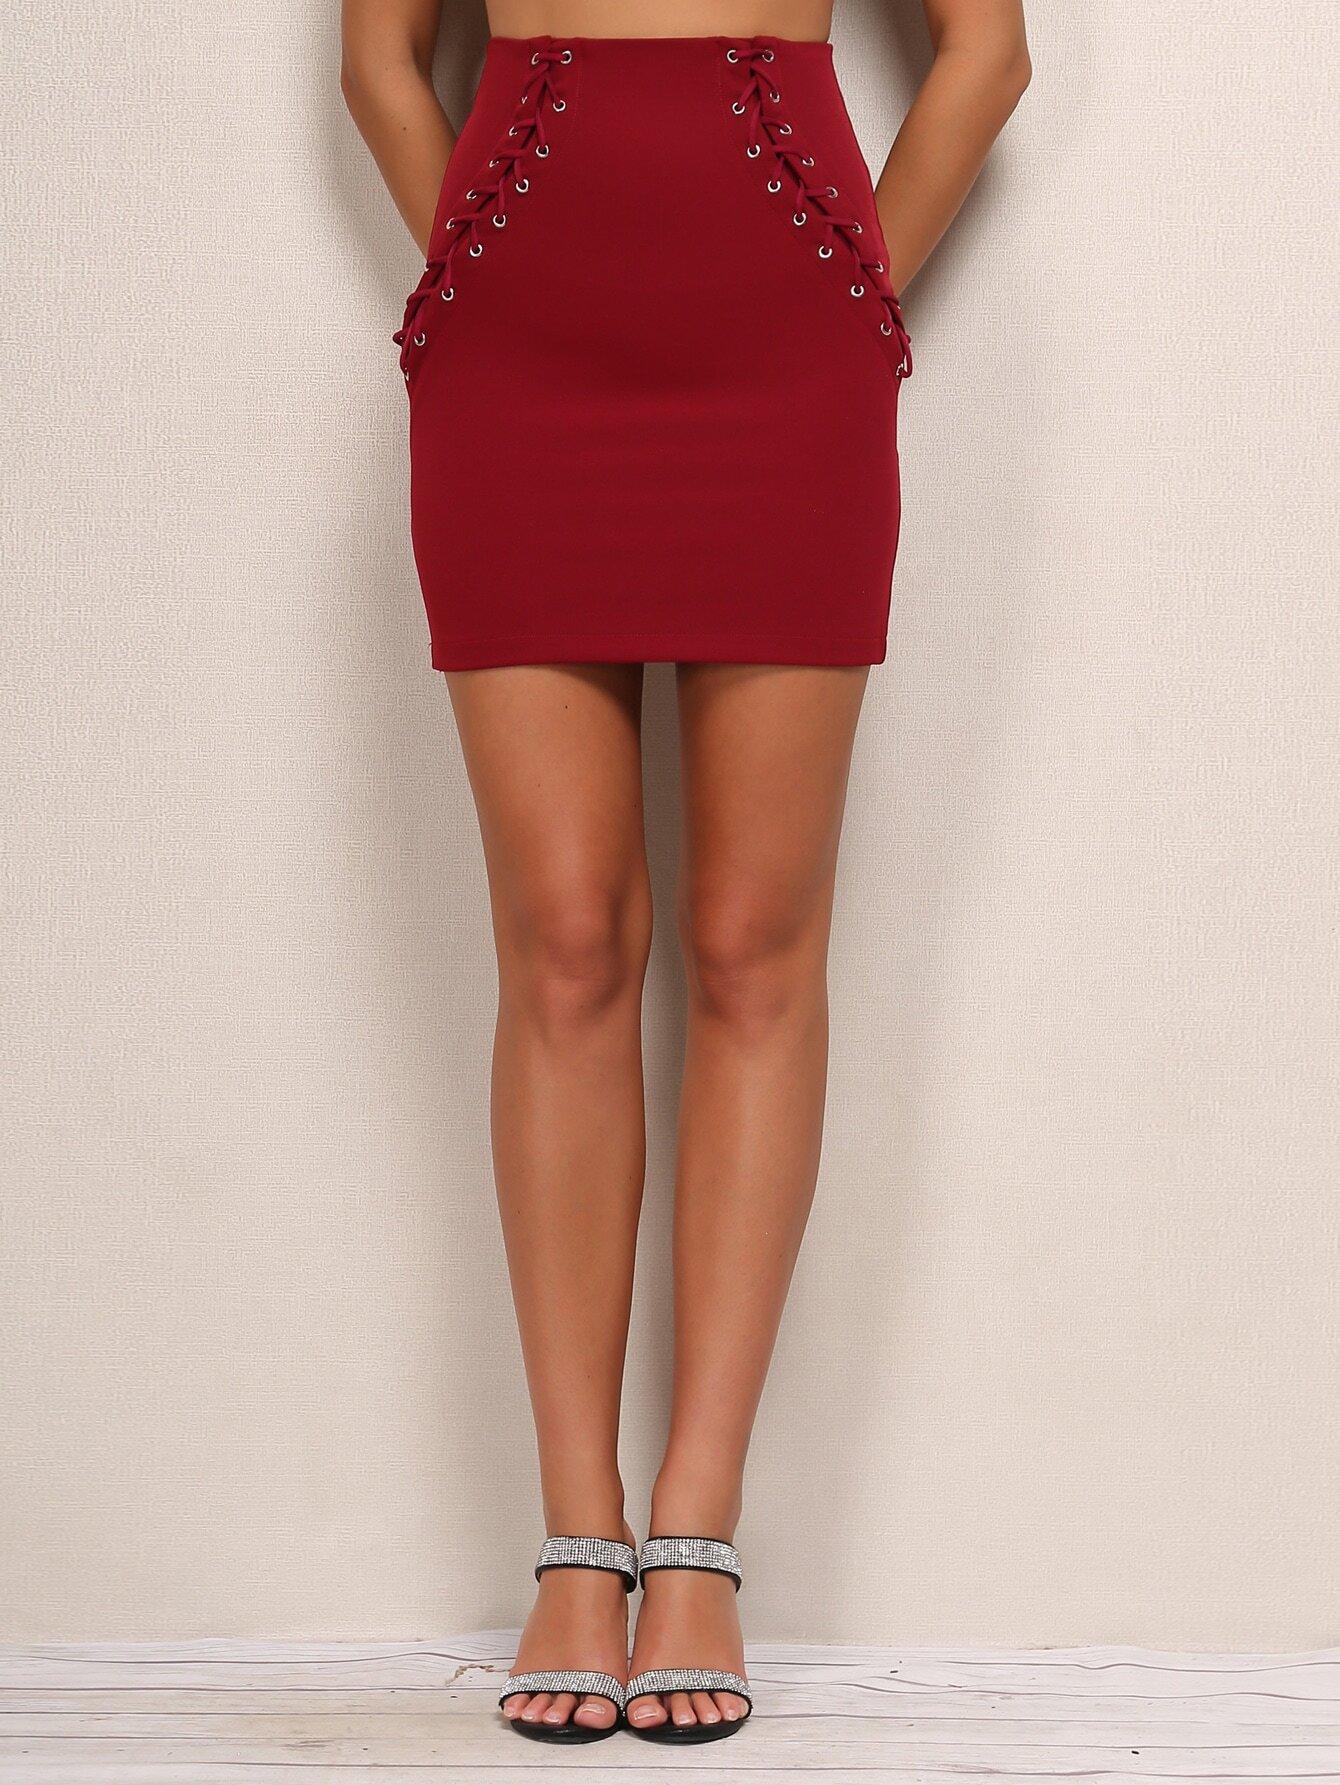 Купить Joyfunear Облегающая юбка с шнуровкой, null, SheIn